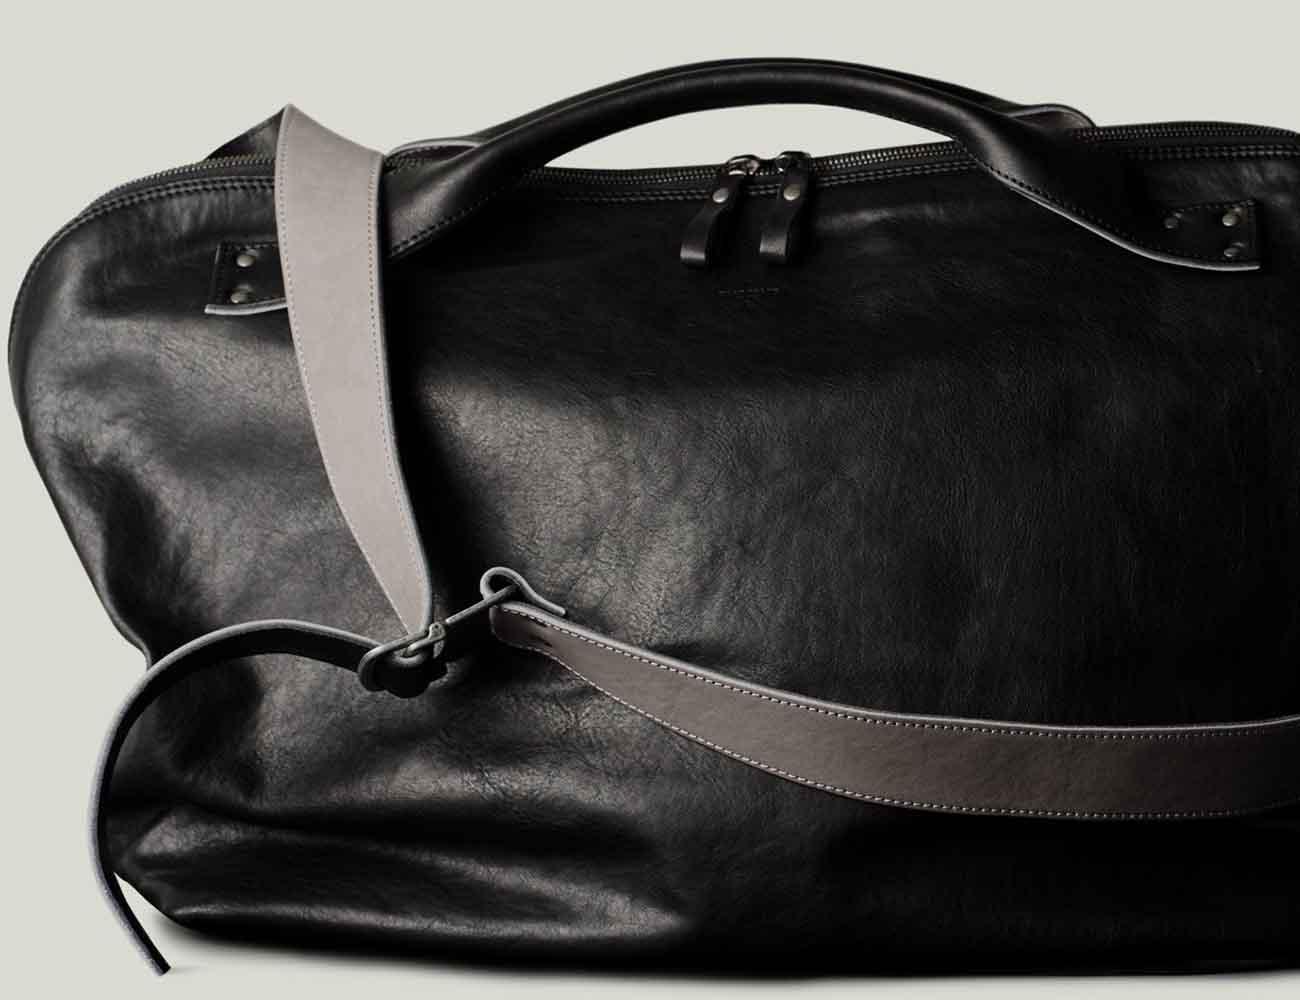 Offhand Shoulder Bag by Hard Graft